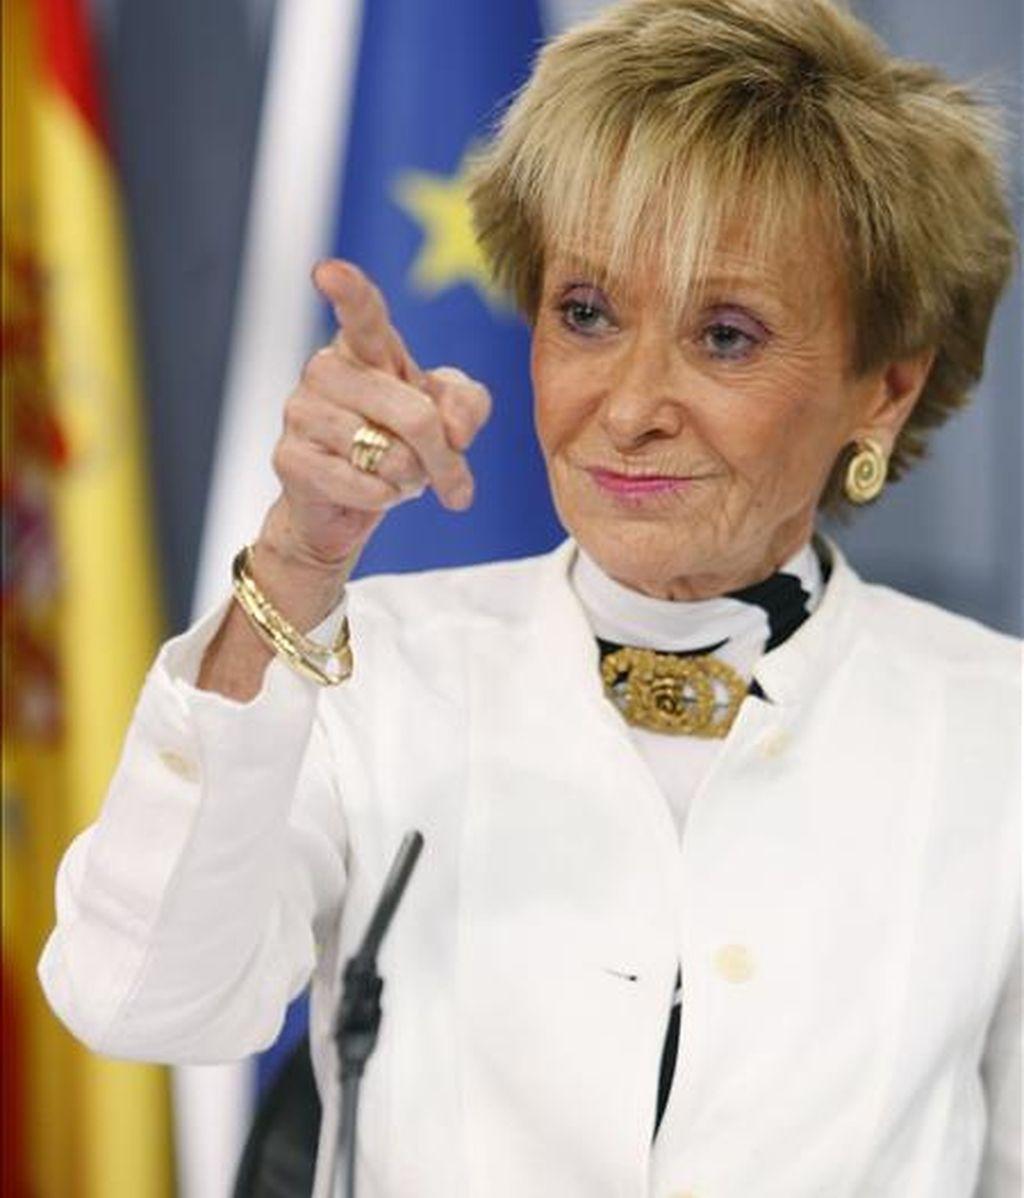 La vicepresidenta primera del Gobierno, María Teresa Fernández de la Vega, durante la rueda de prensa posterior a la reunión del Consejo de Ministros. EFE